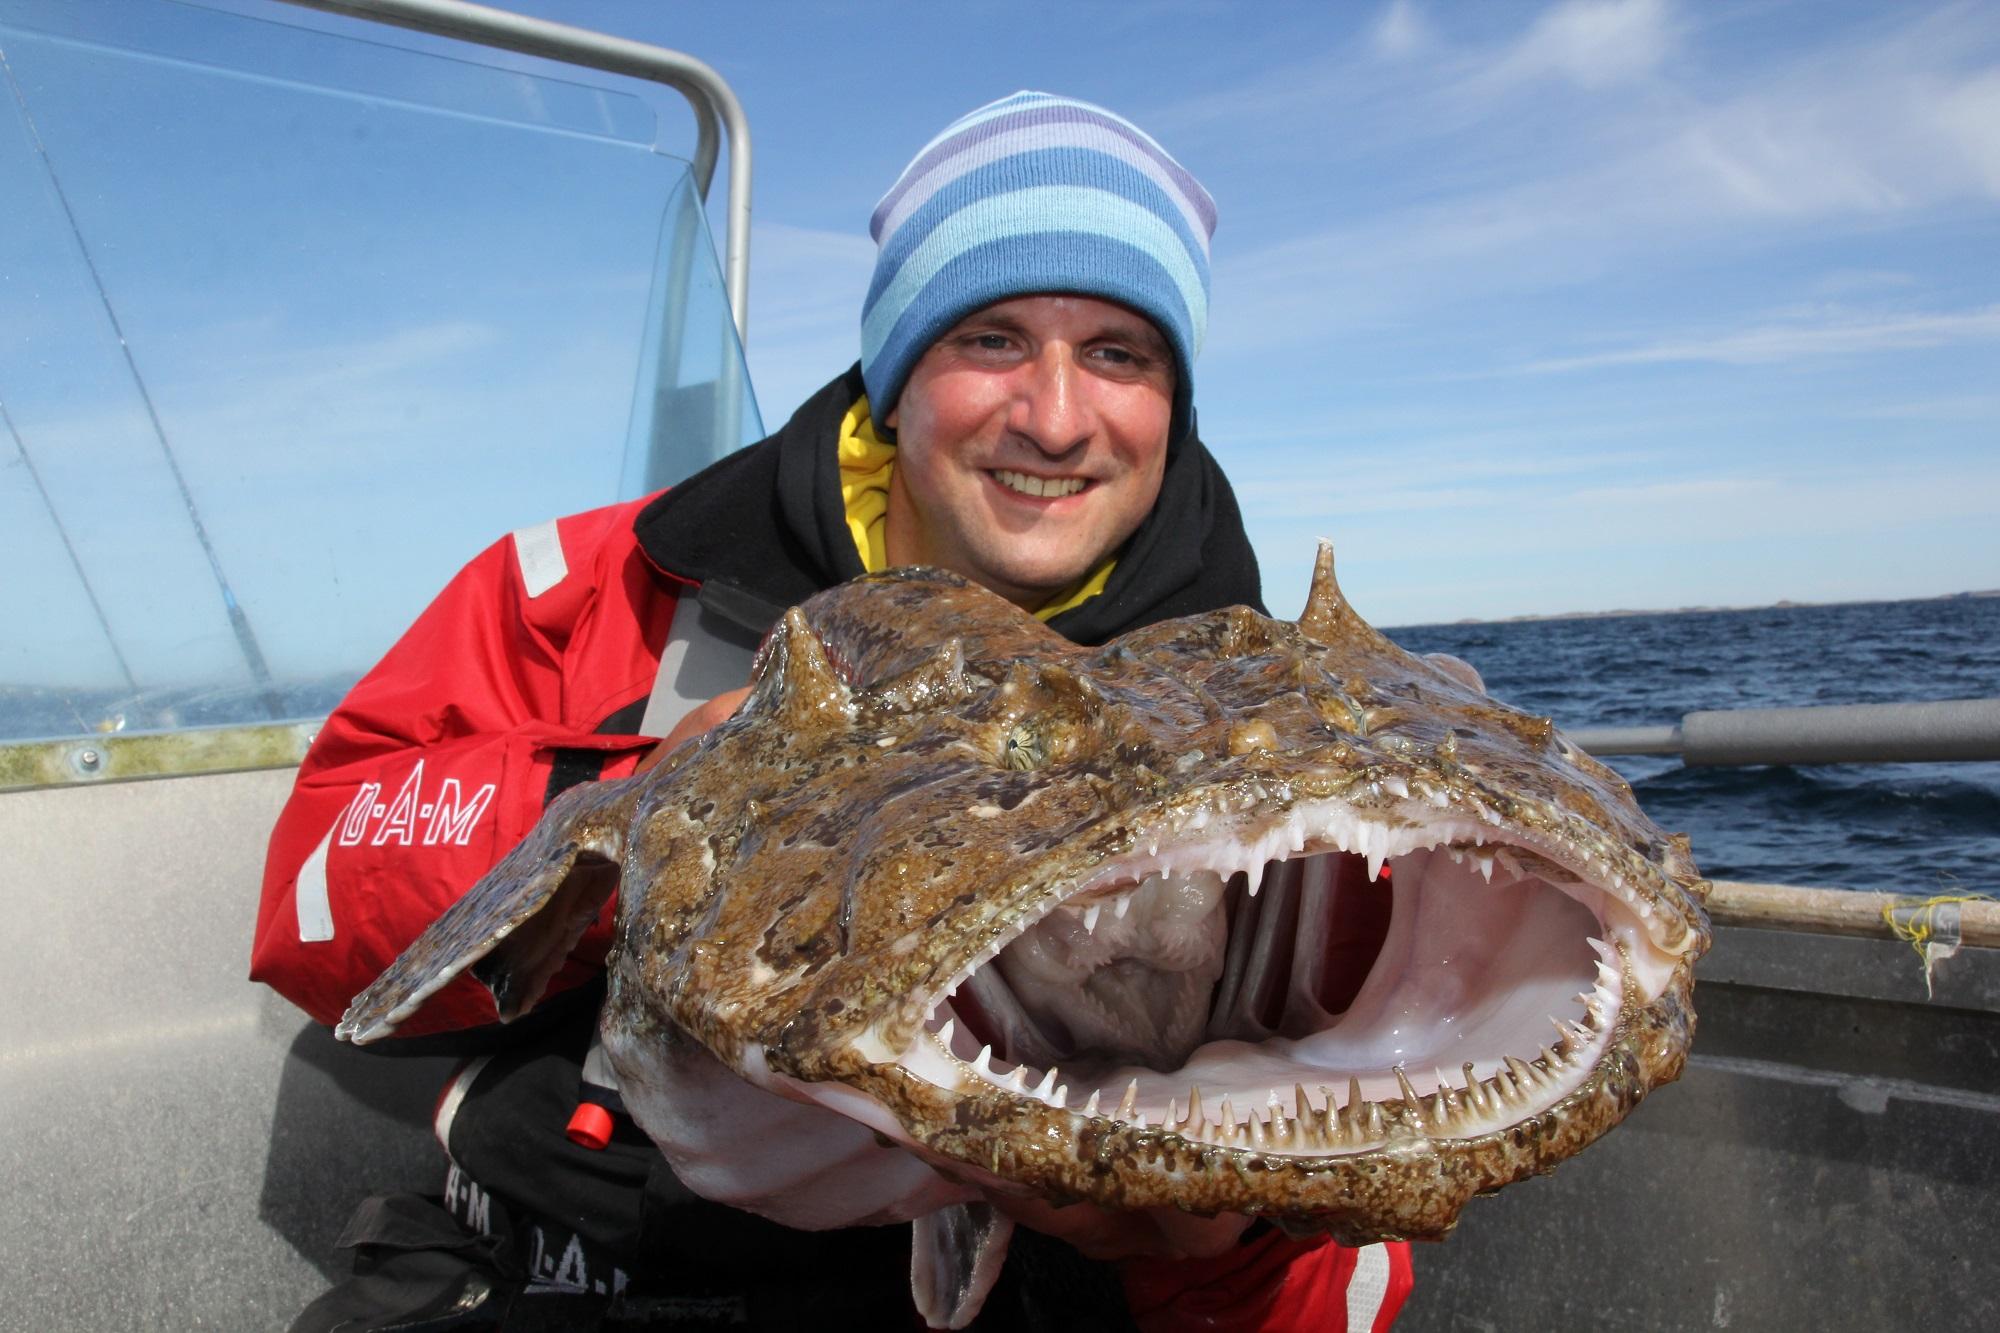 In 140 Metern Tiefe nahm dieser Seeteufel den Naturköder. Er ist eine wahre Delikatesse